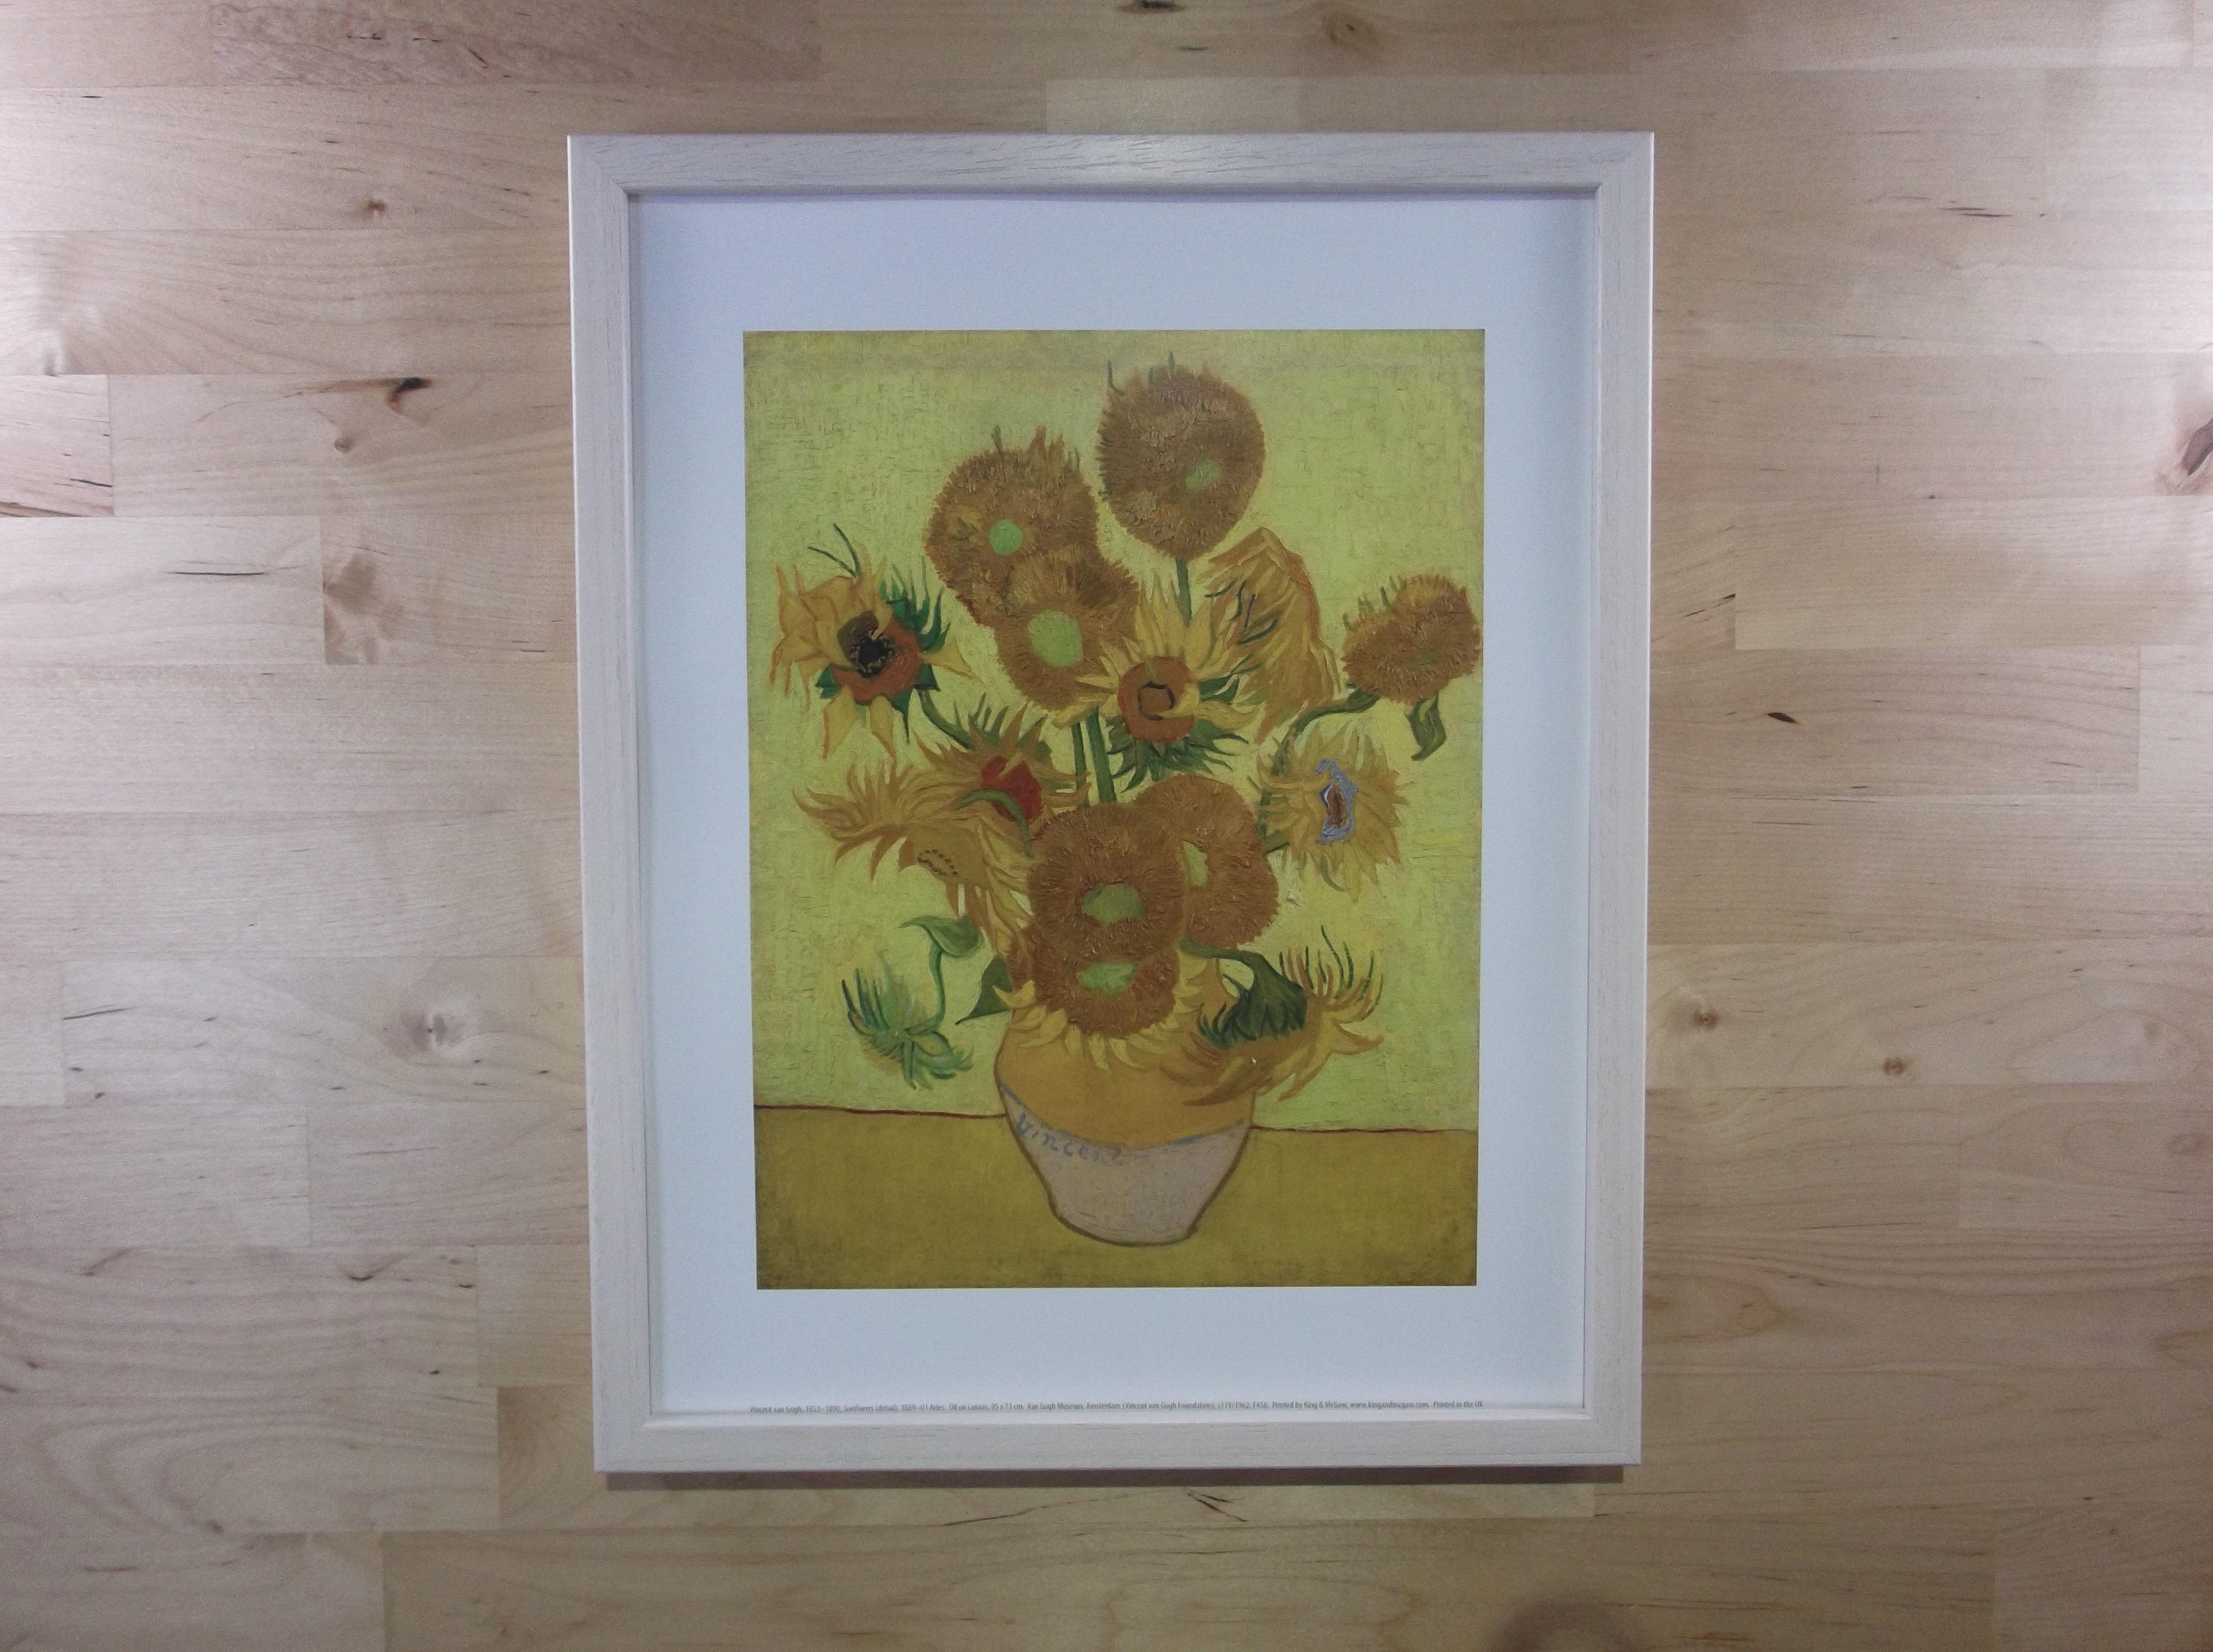 ゴッホ ひまわり ライムホワイト色額縁絵画プリント(オランダ ゴッホ美術館所蔵)